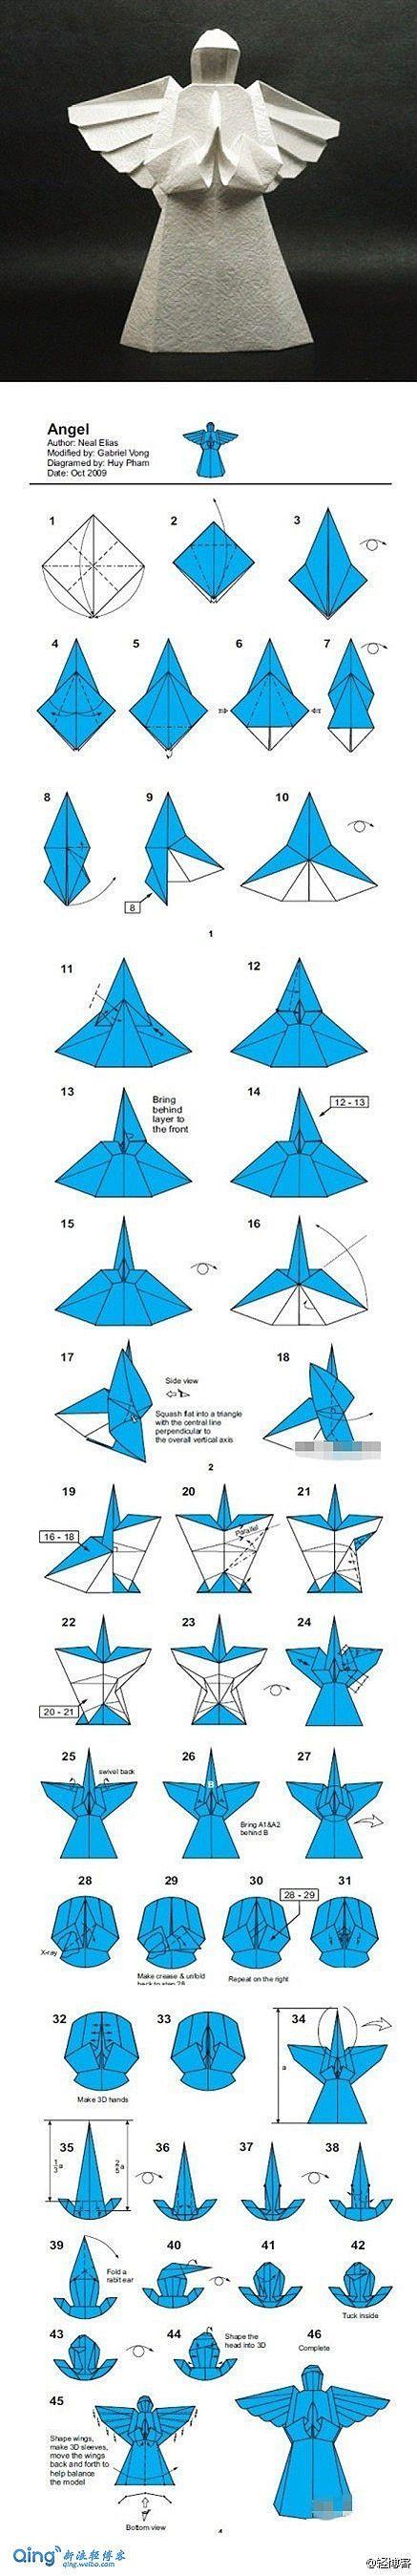 Engel Origami